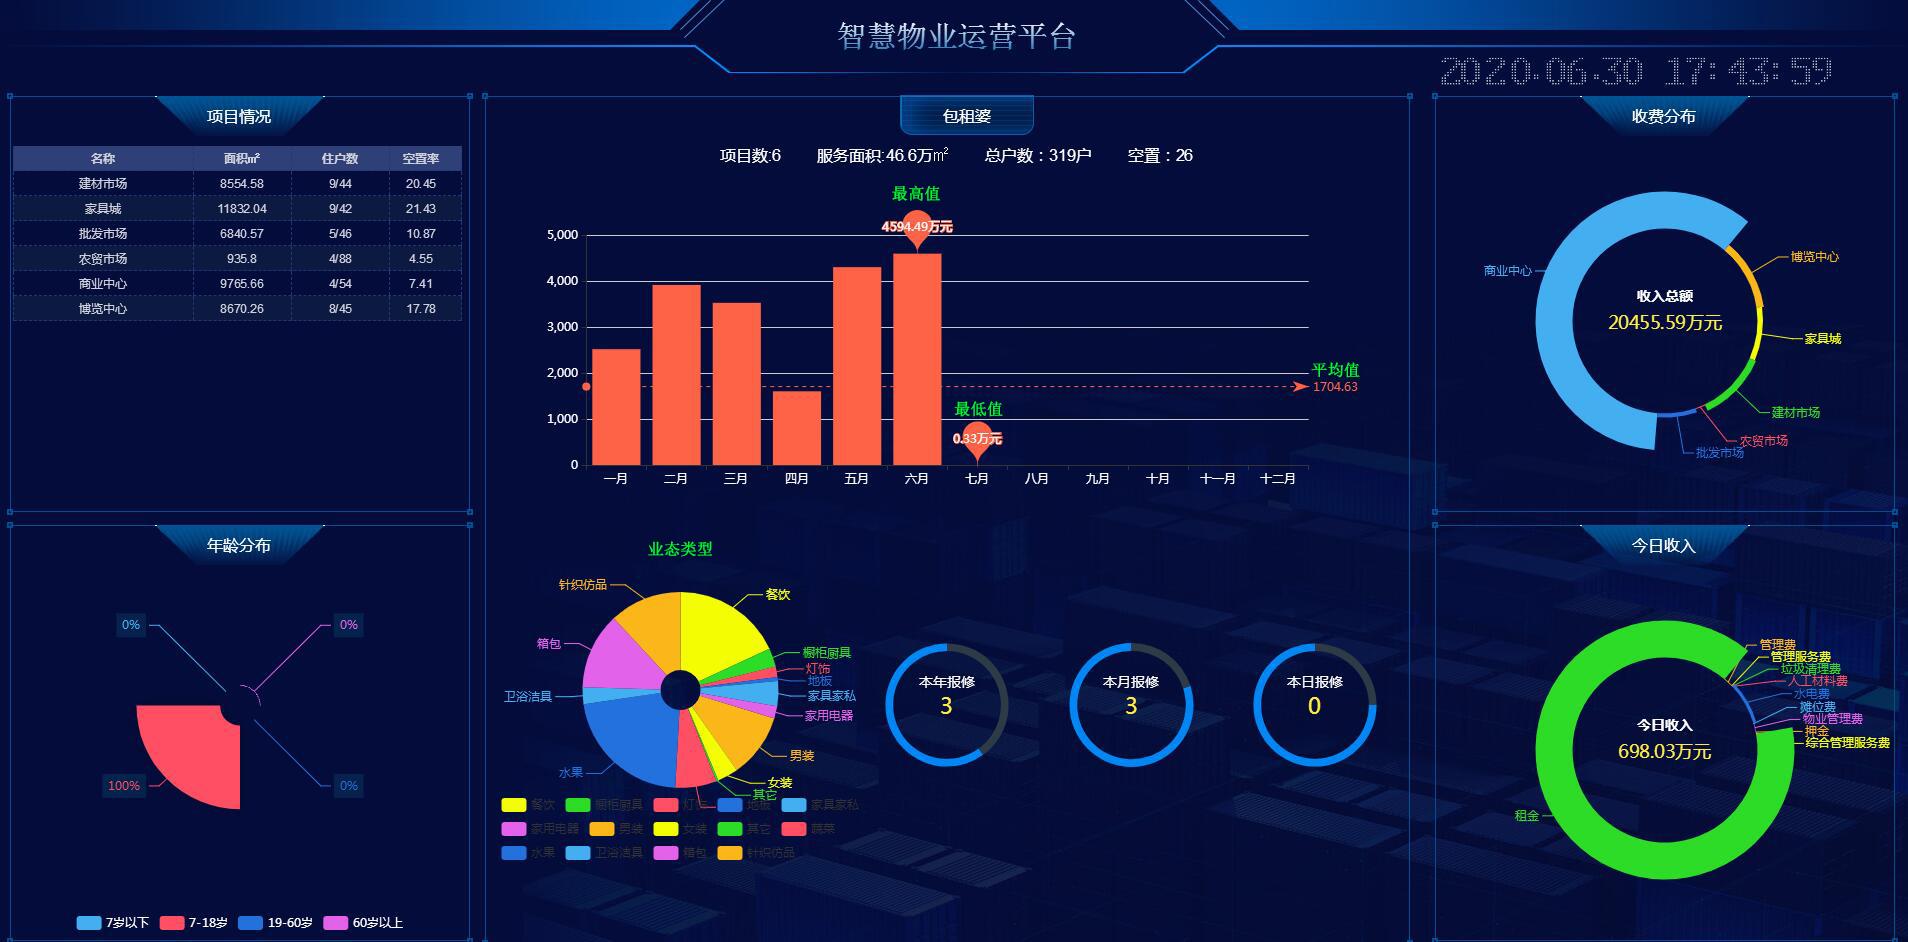 物管王、包租婆软件大数据智慧管理与展示平台